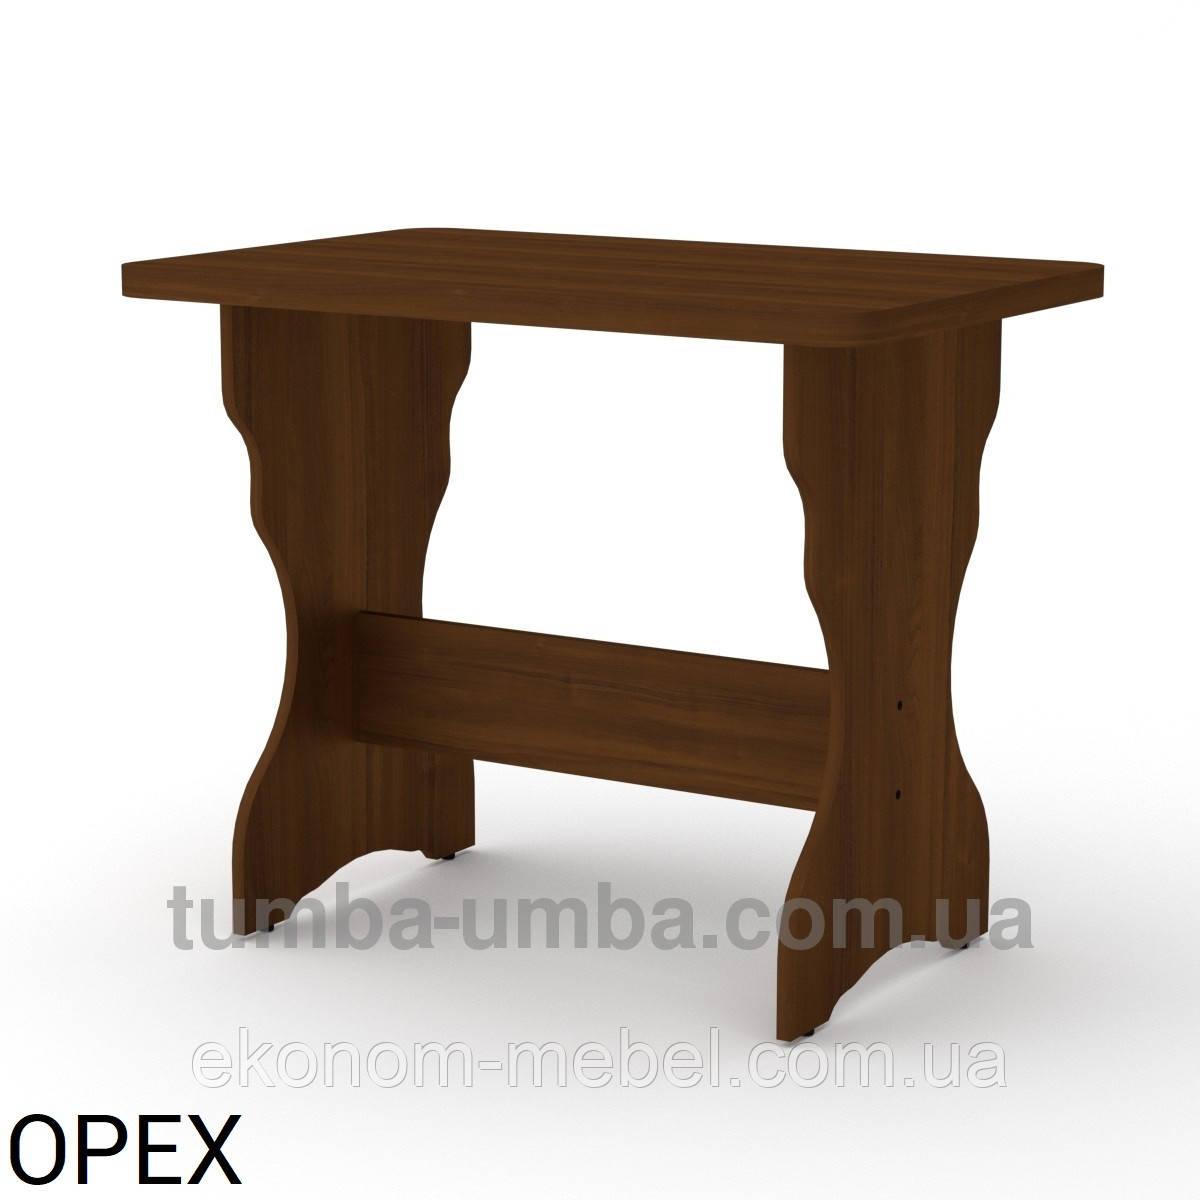 Кухонный стол КС-2 нераскладной толстая столешница